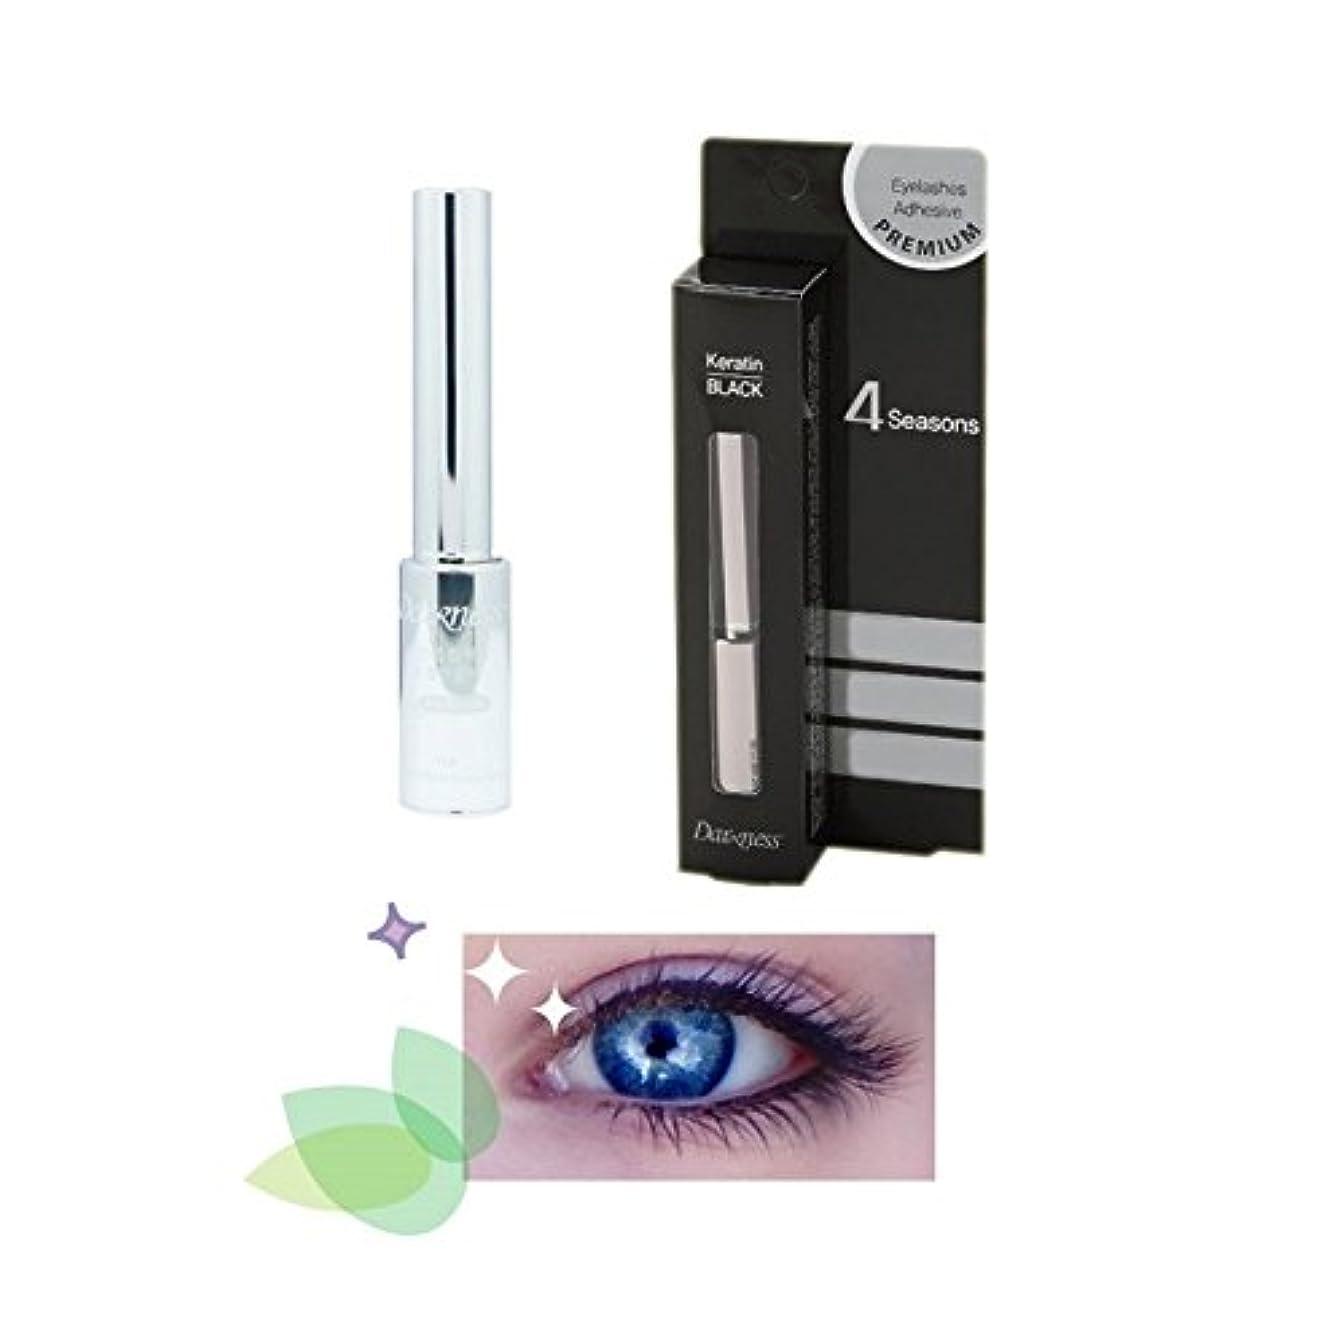 返済必要スティーブンソンFalse つけまつげ 接着剤 7ml Eyelashes Glue Eyelashes Adhesive Keratin 含有 並行輸入